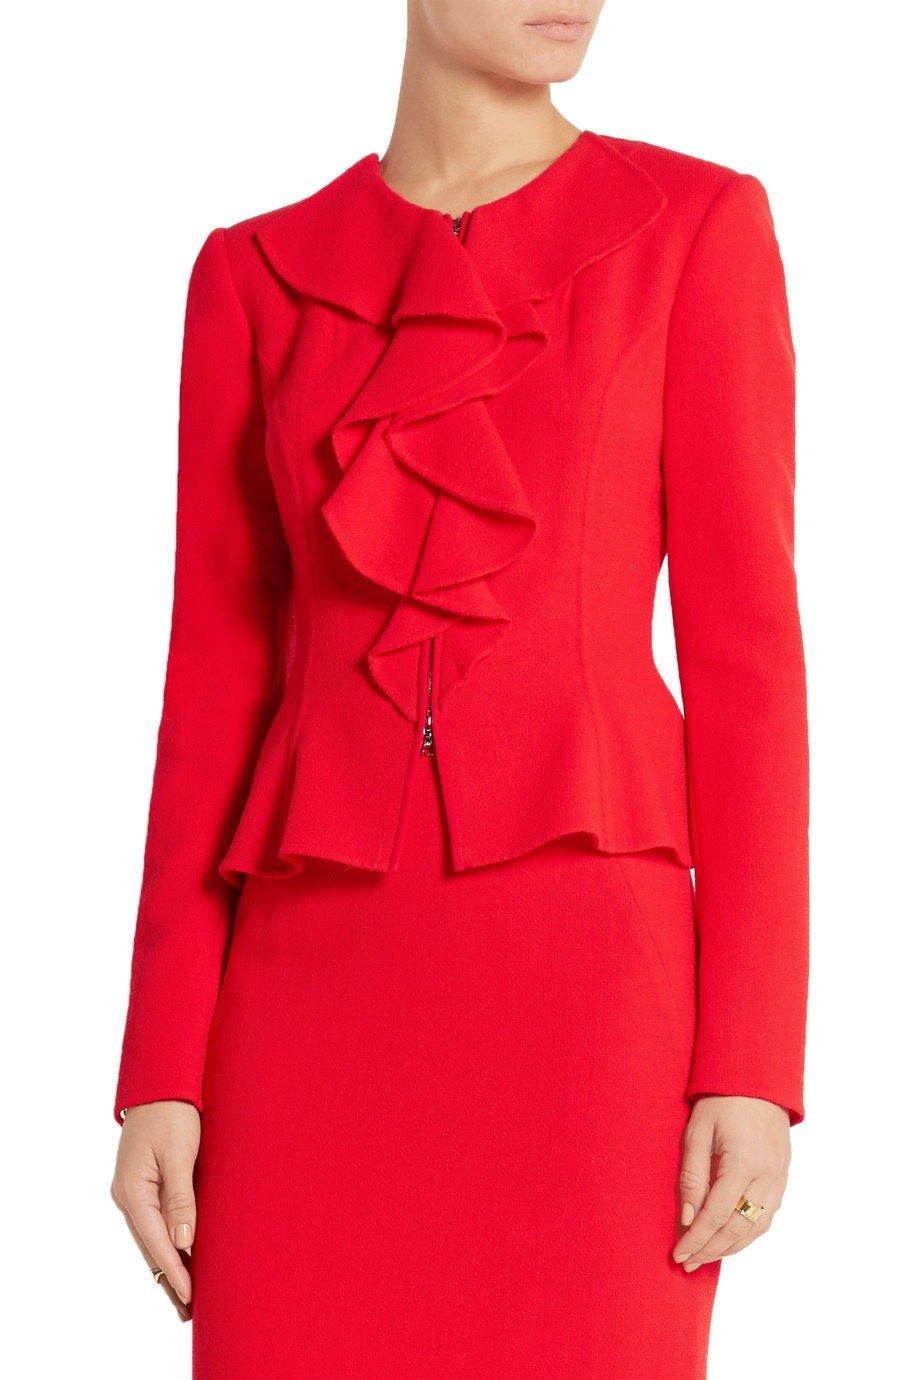 красный пиджак пеплум с воланами женский 2018